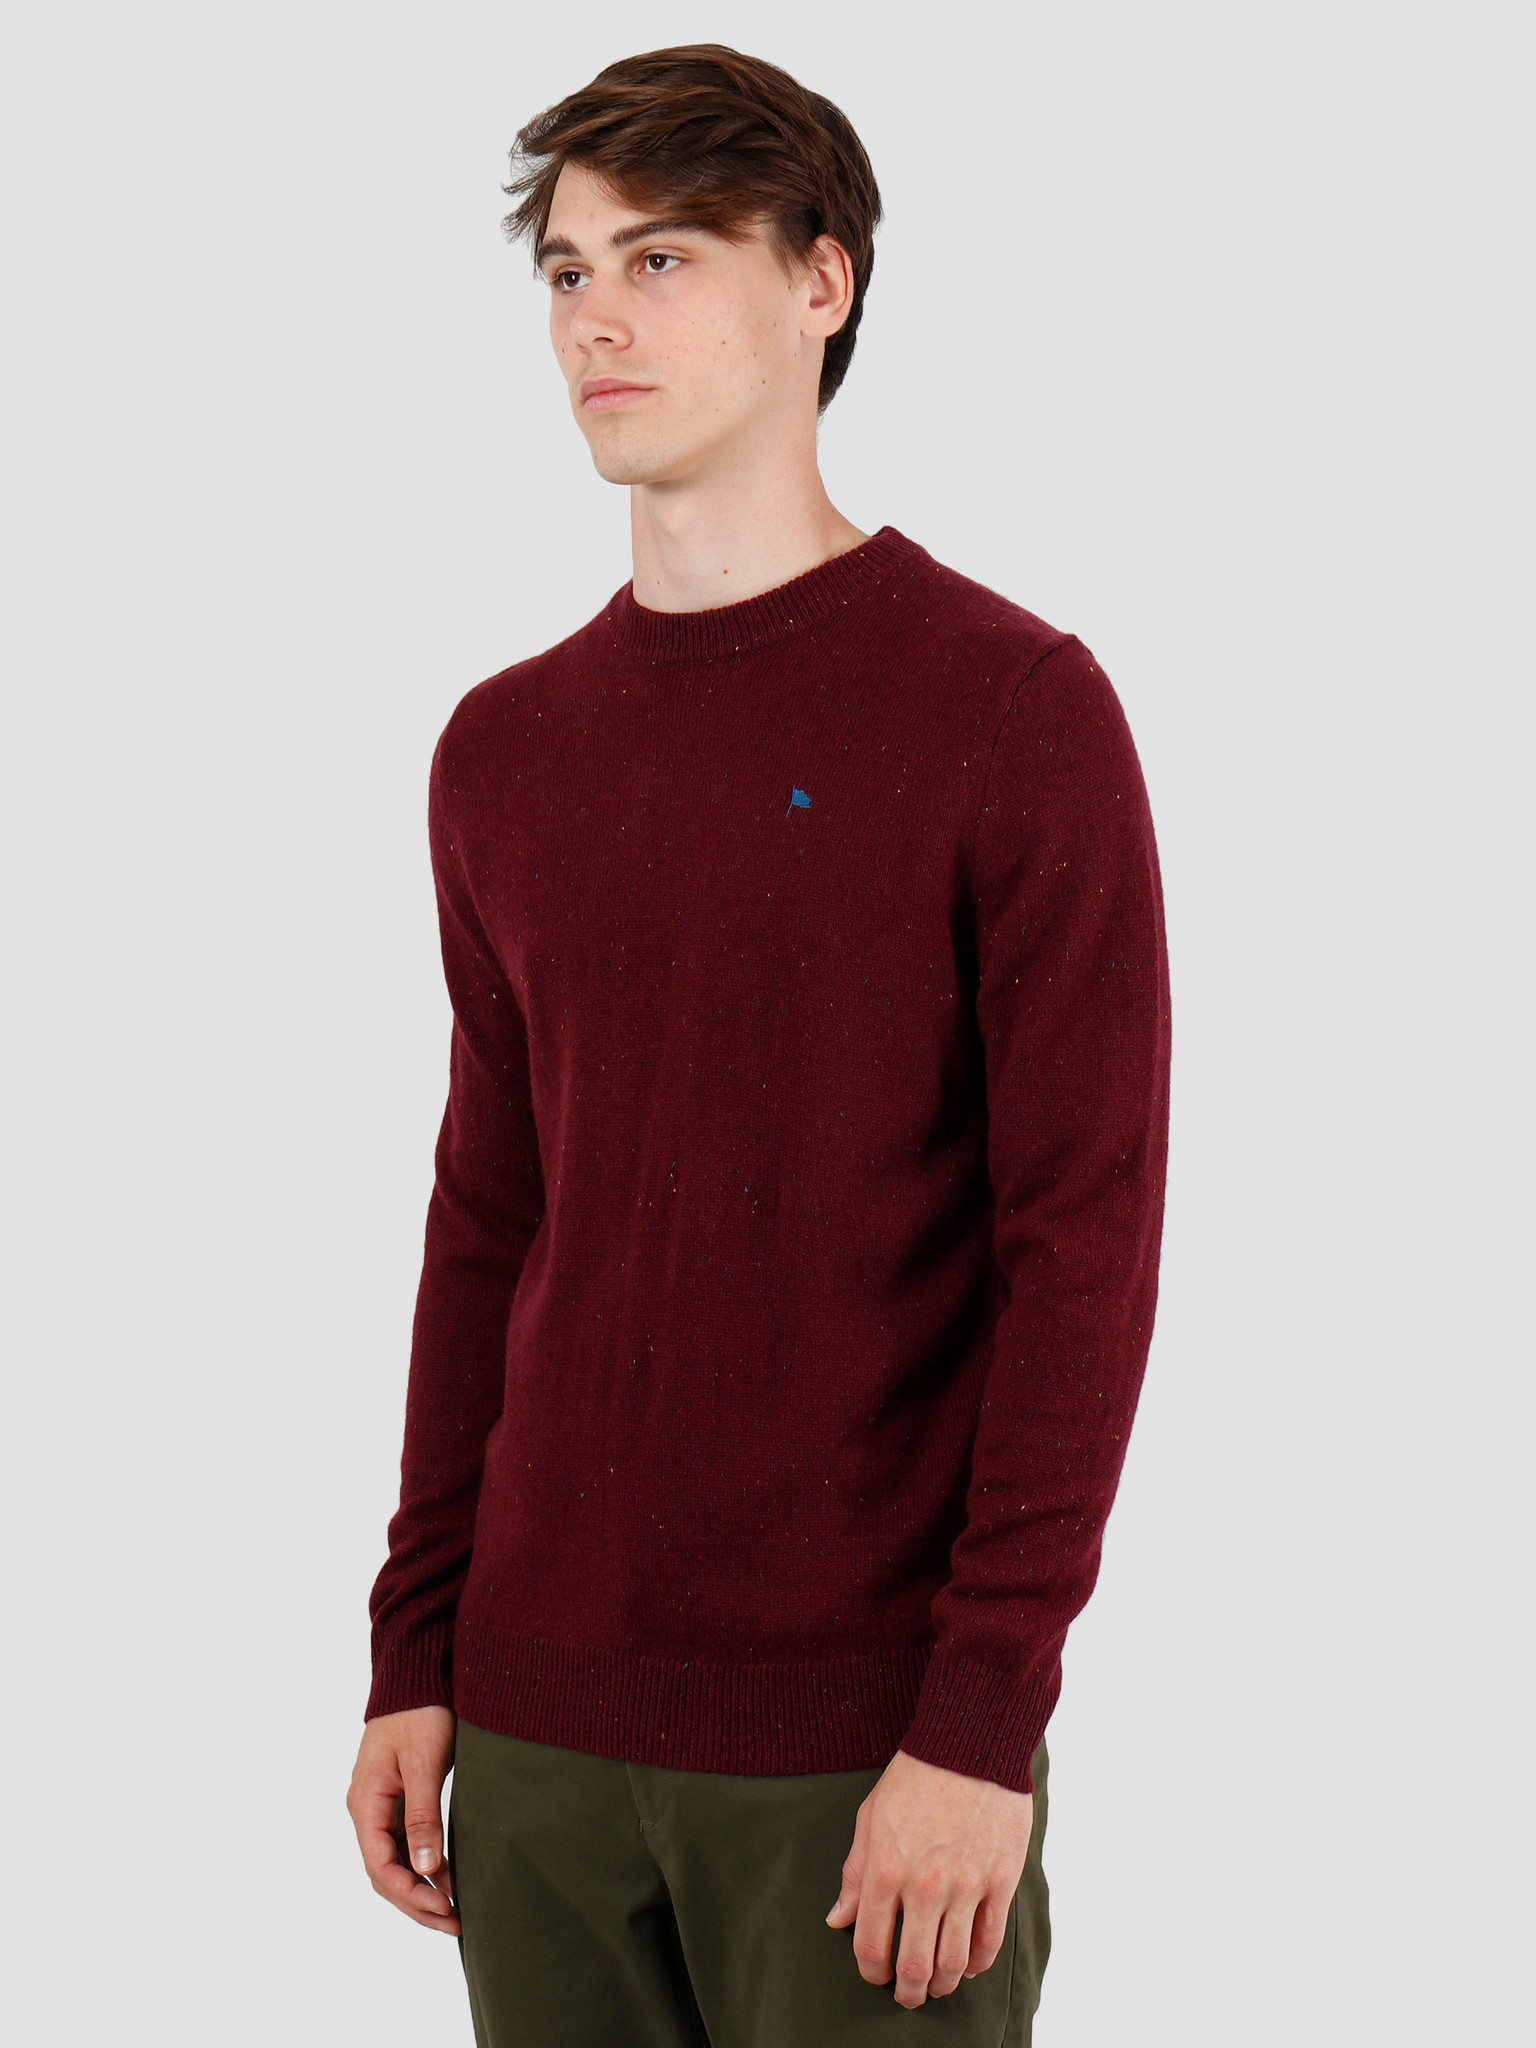 Wemoto Wemoto Norman Sweater Burgundy Nep 141.501-566